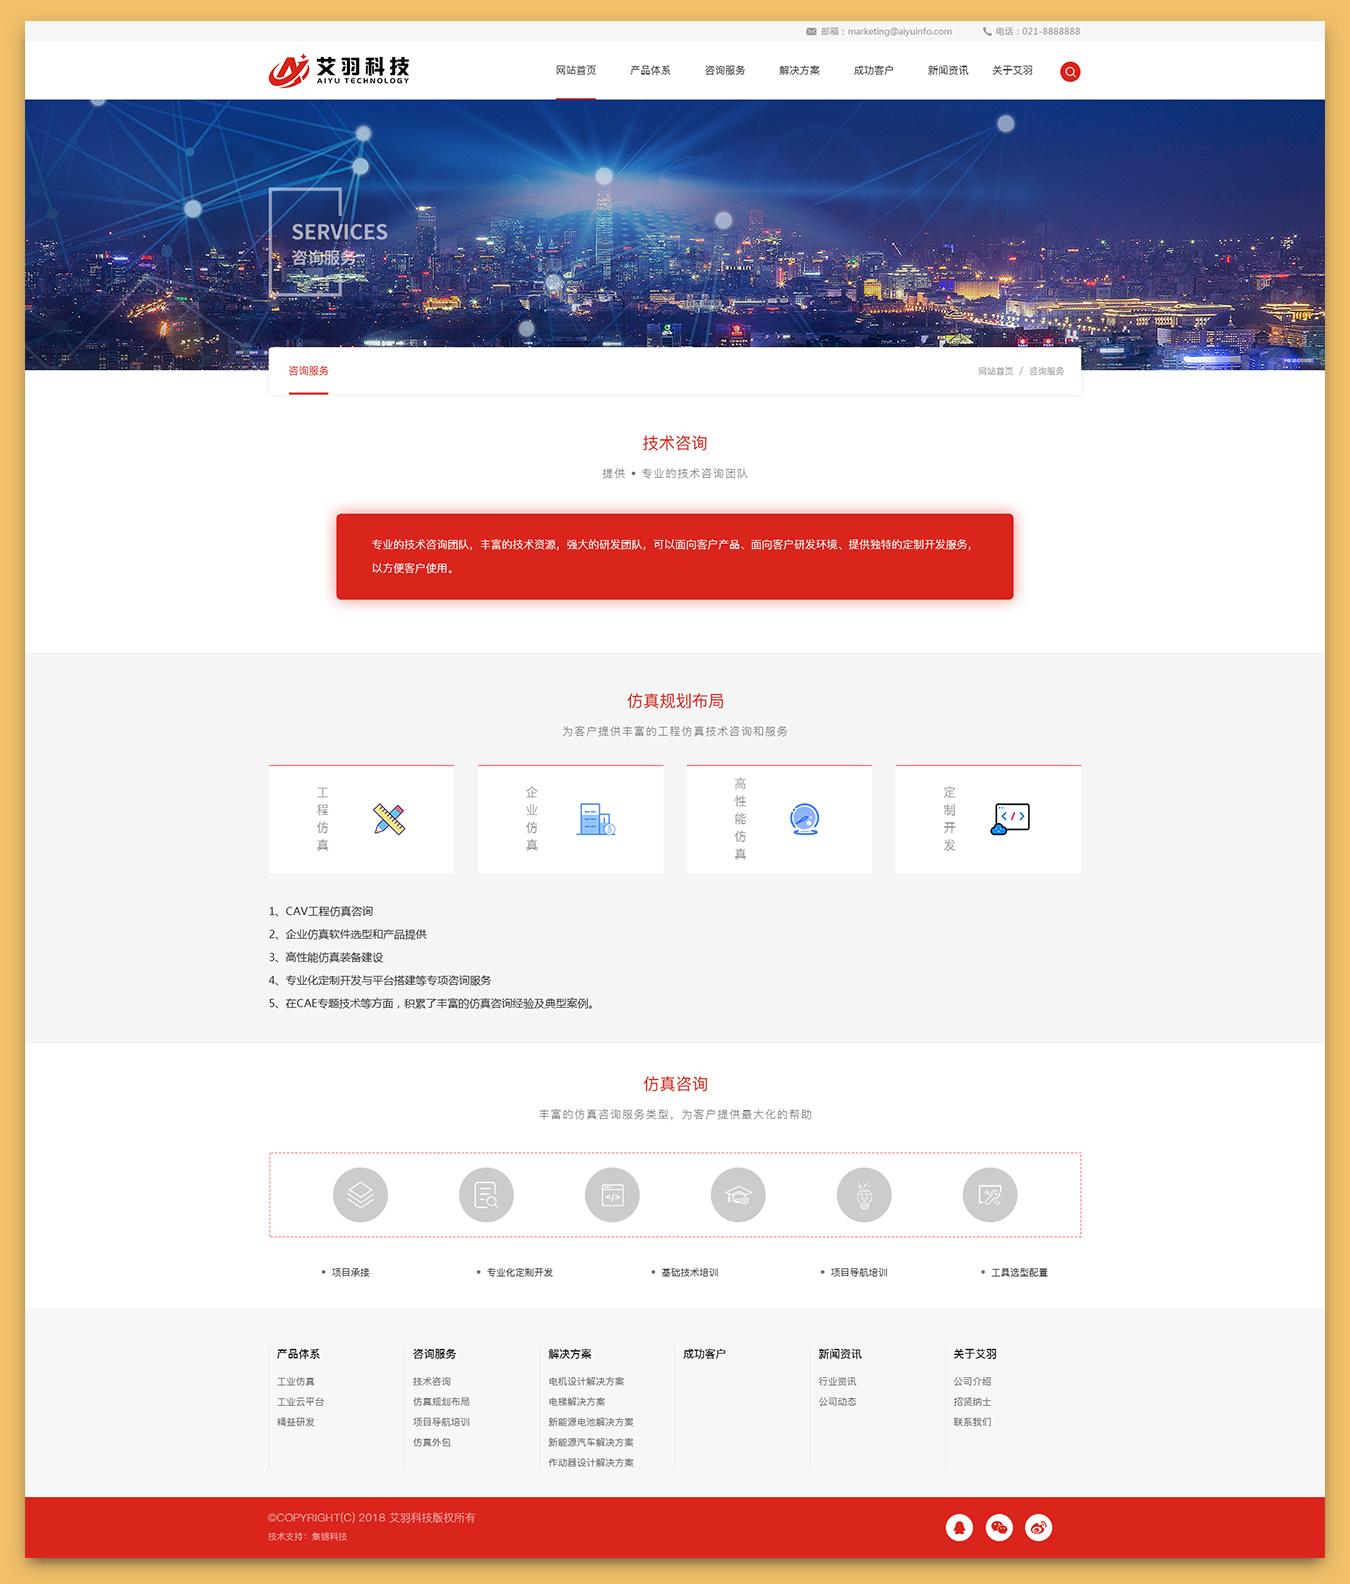 上海艾羽信息科技有限公司